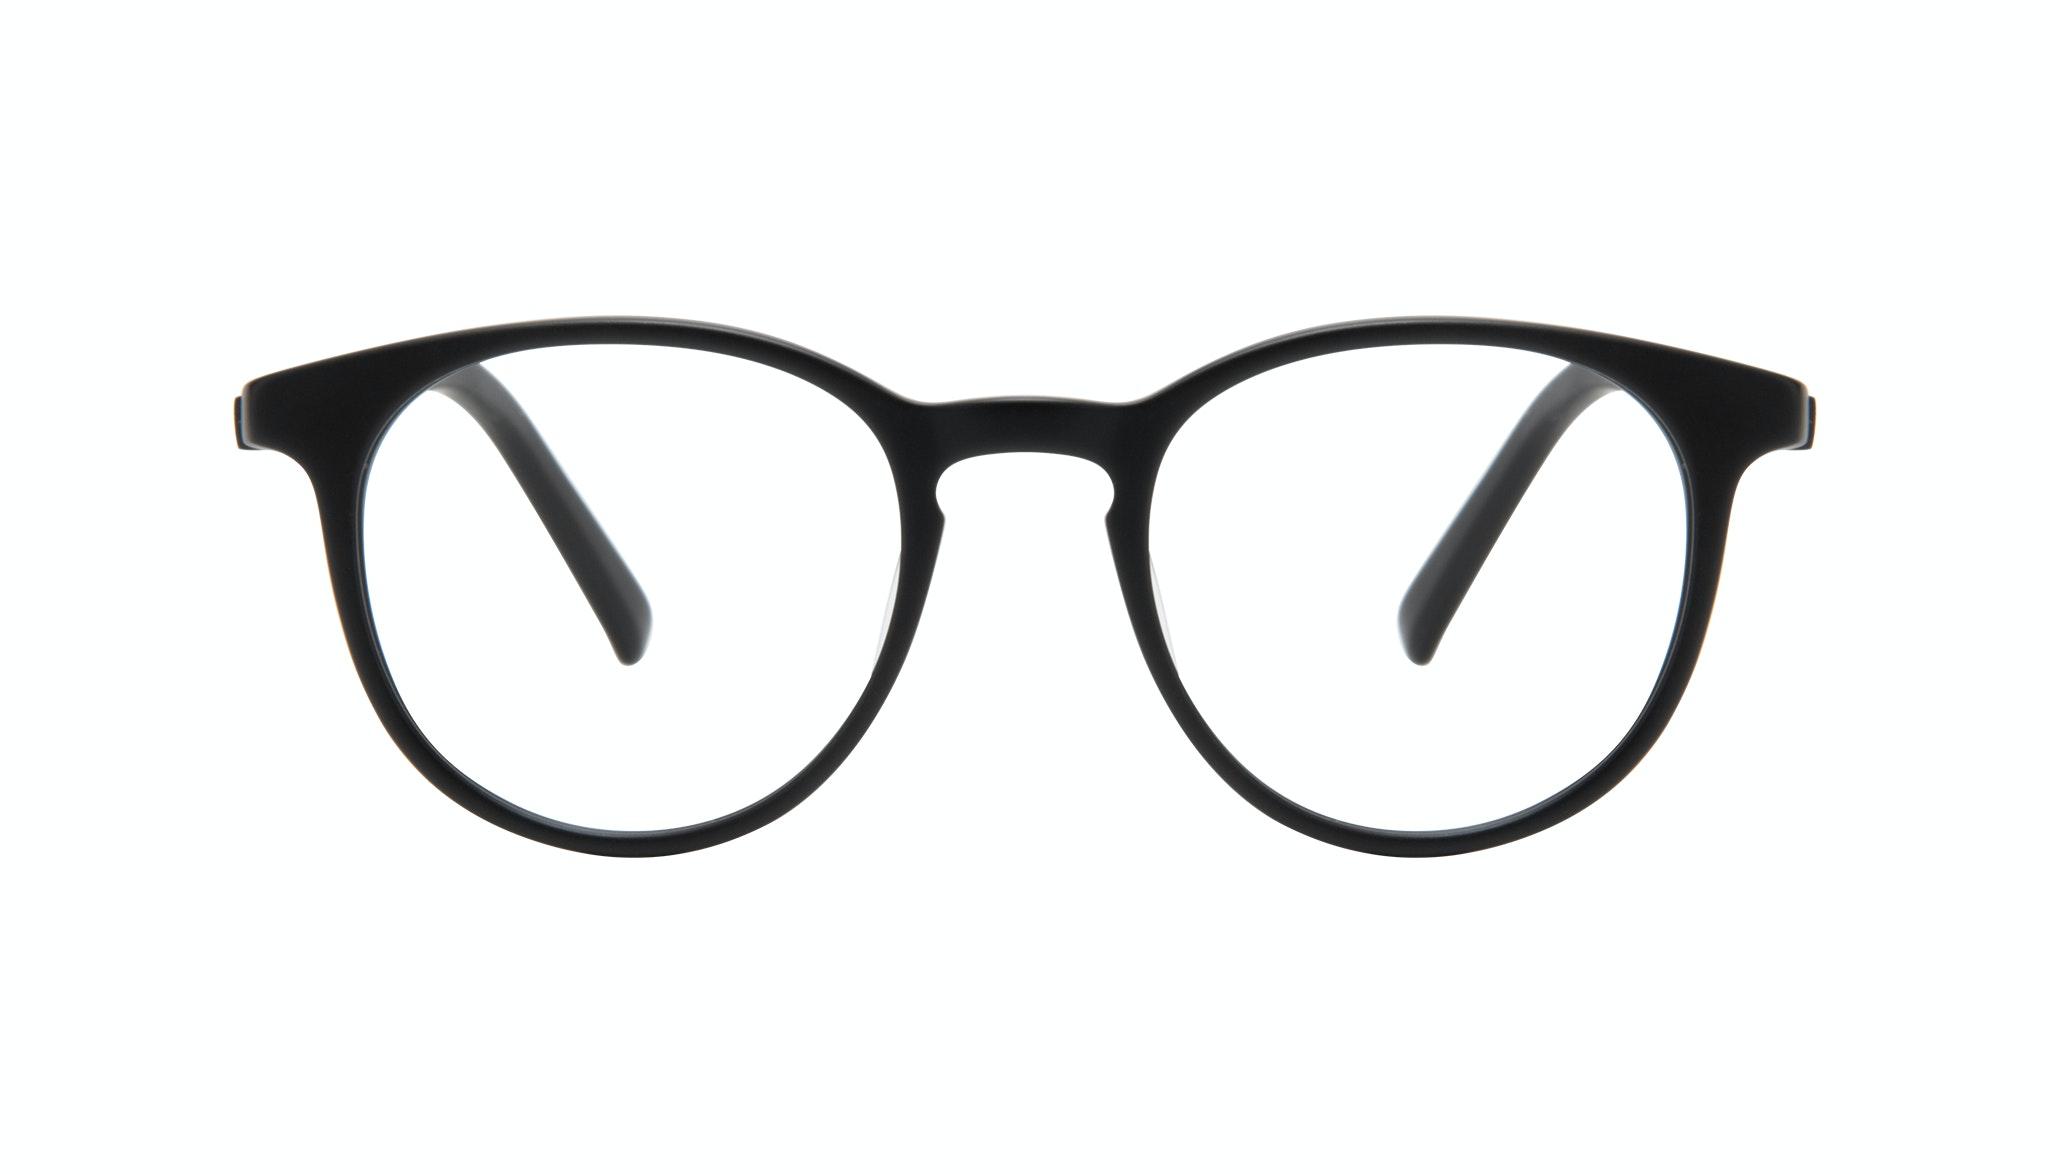 Lunettes tendance Ronde Lunettes de vue Hommes Select Black Matte Face